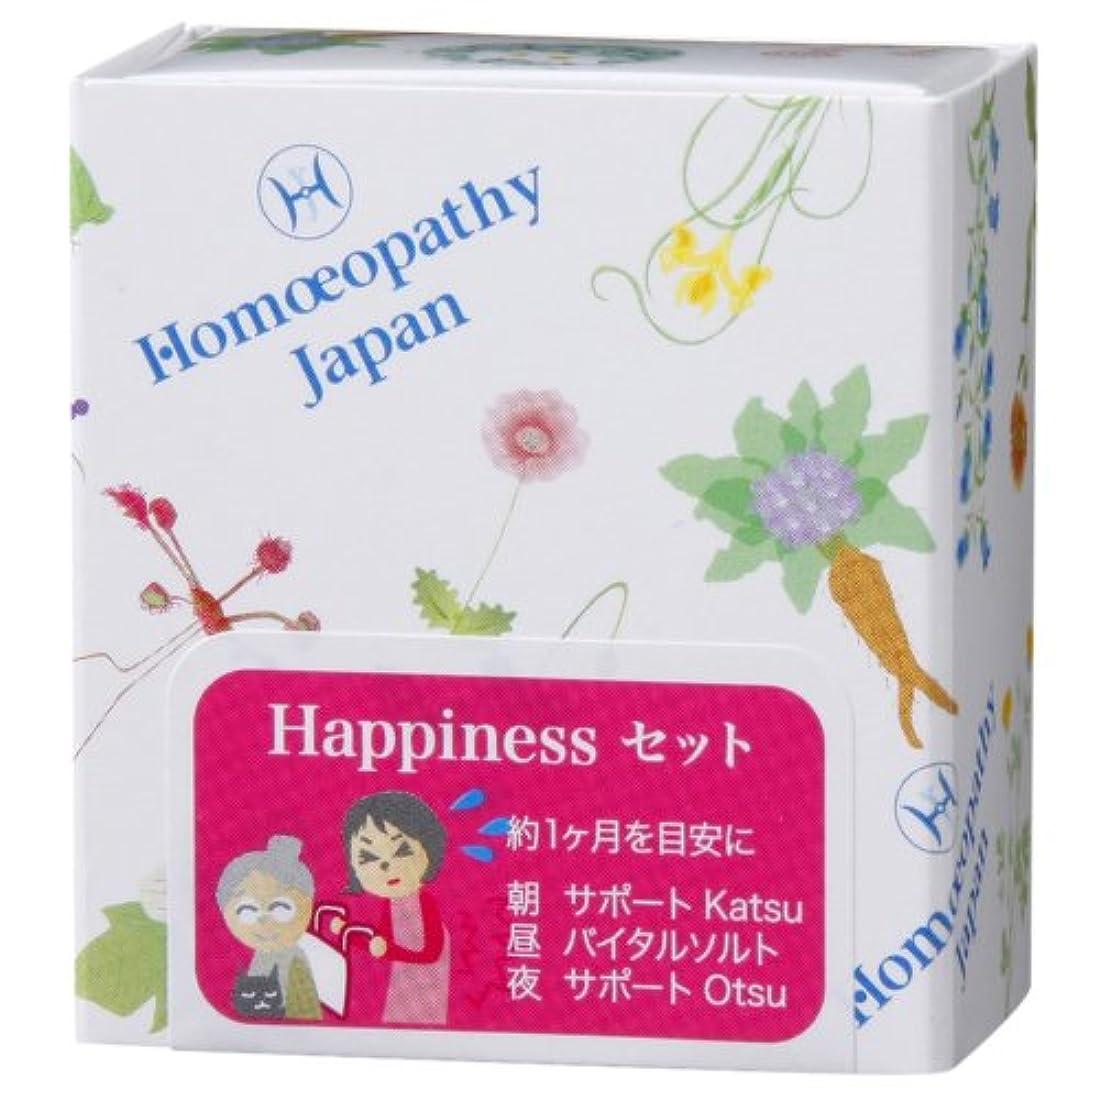 彼ら花束夢ホメオパシージャパンレメディー Happinessセット